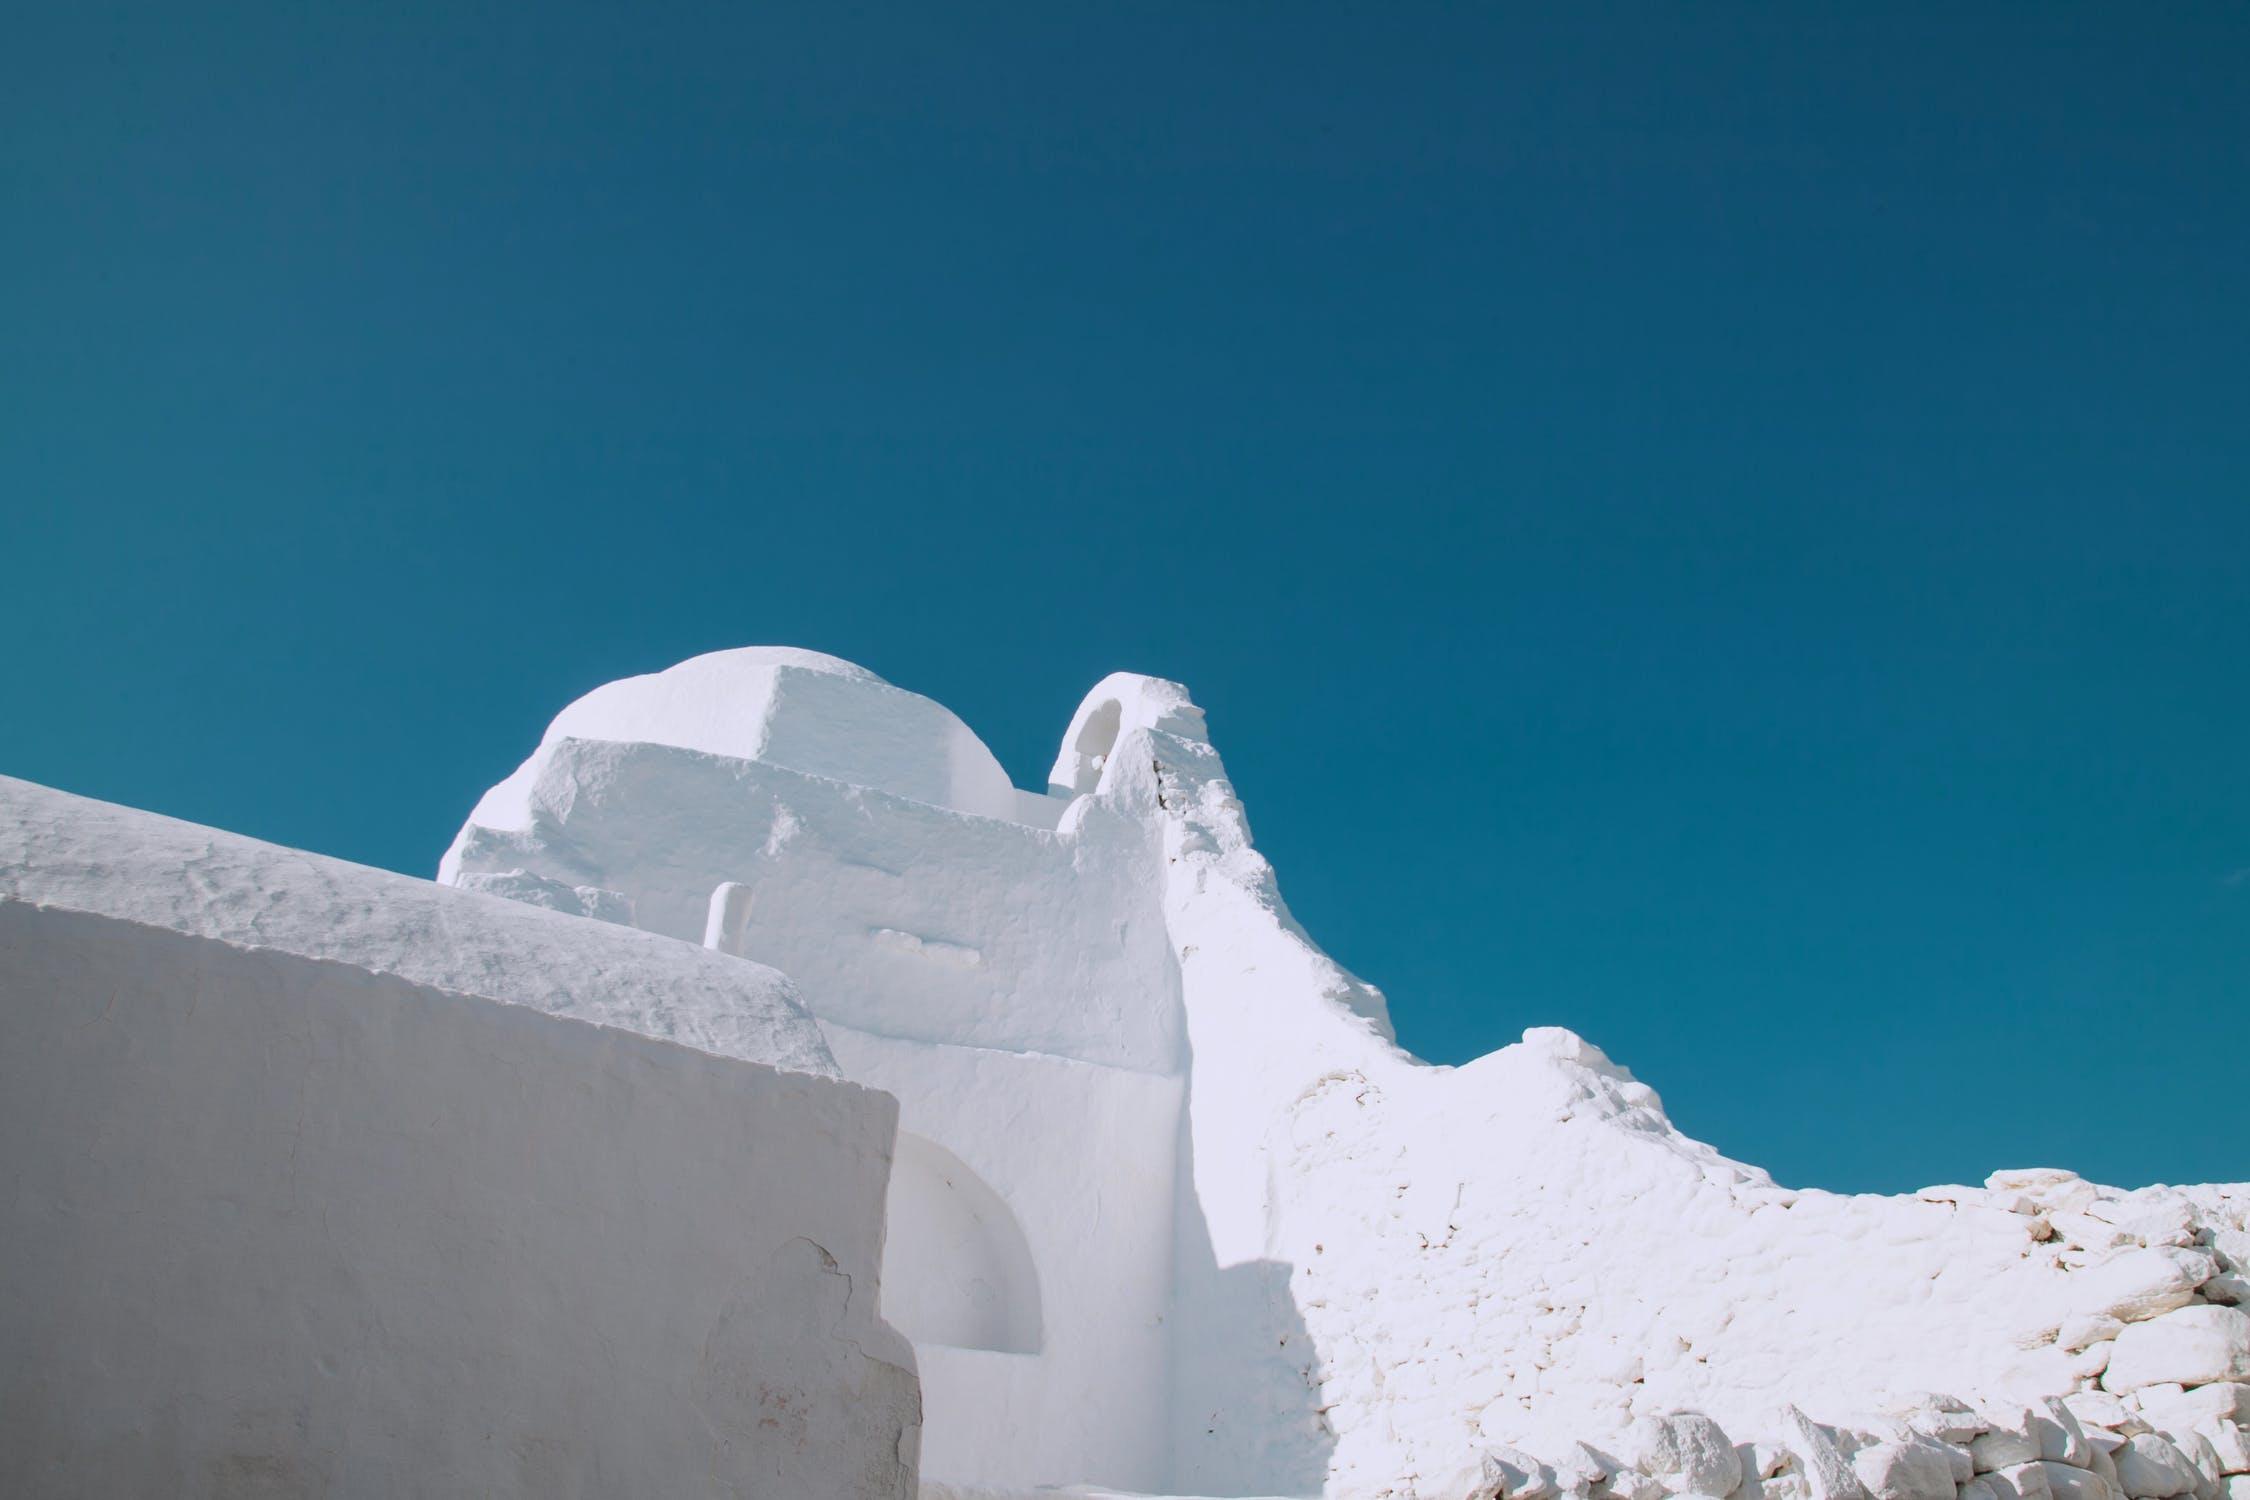 White structure photo